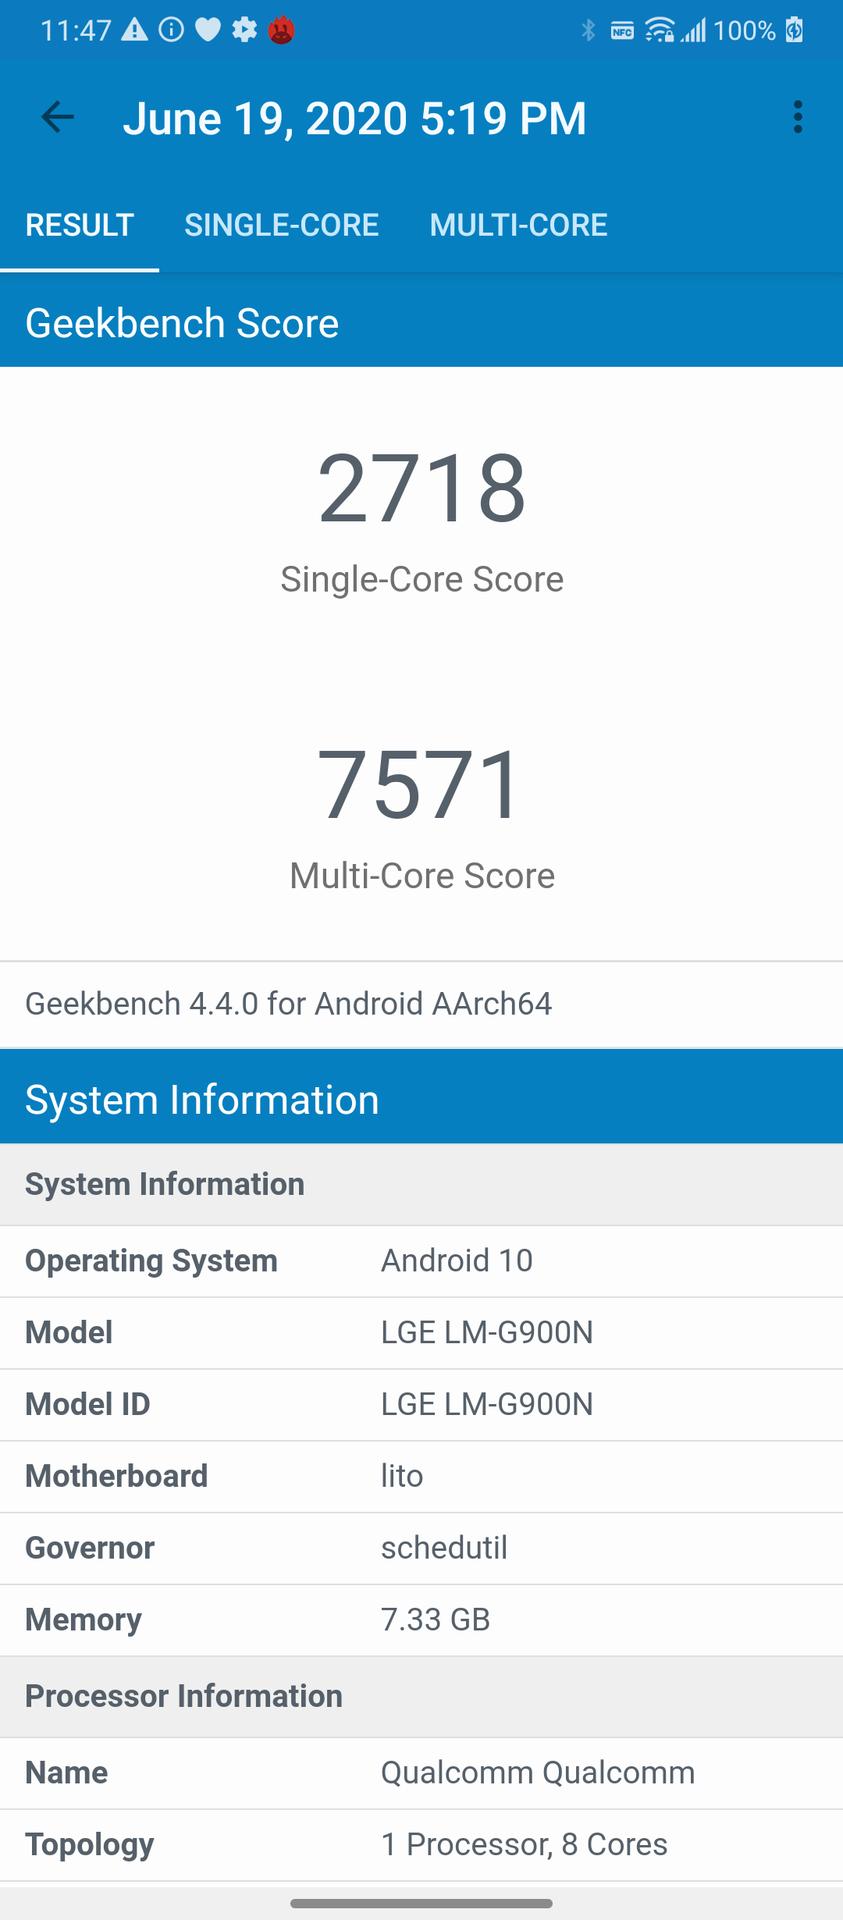 LG Velvet Geekbench 4 score